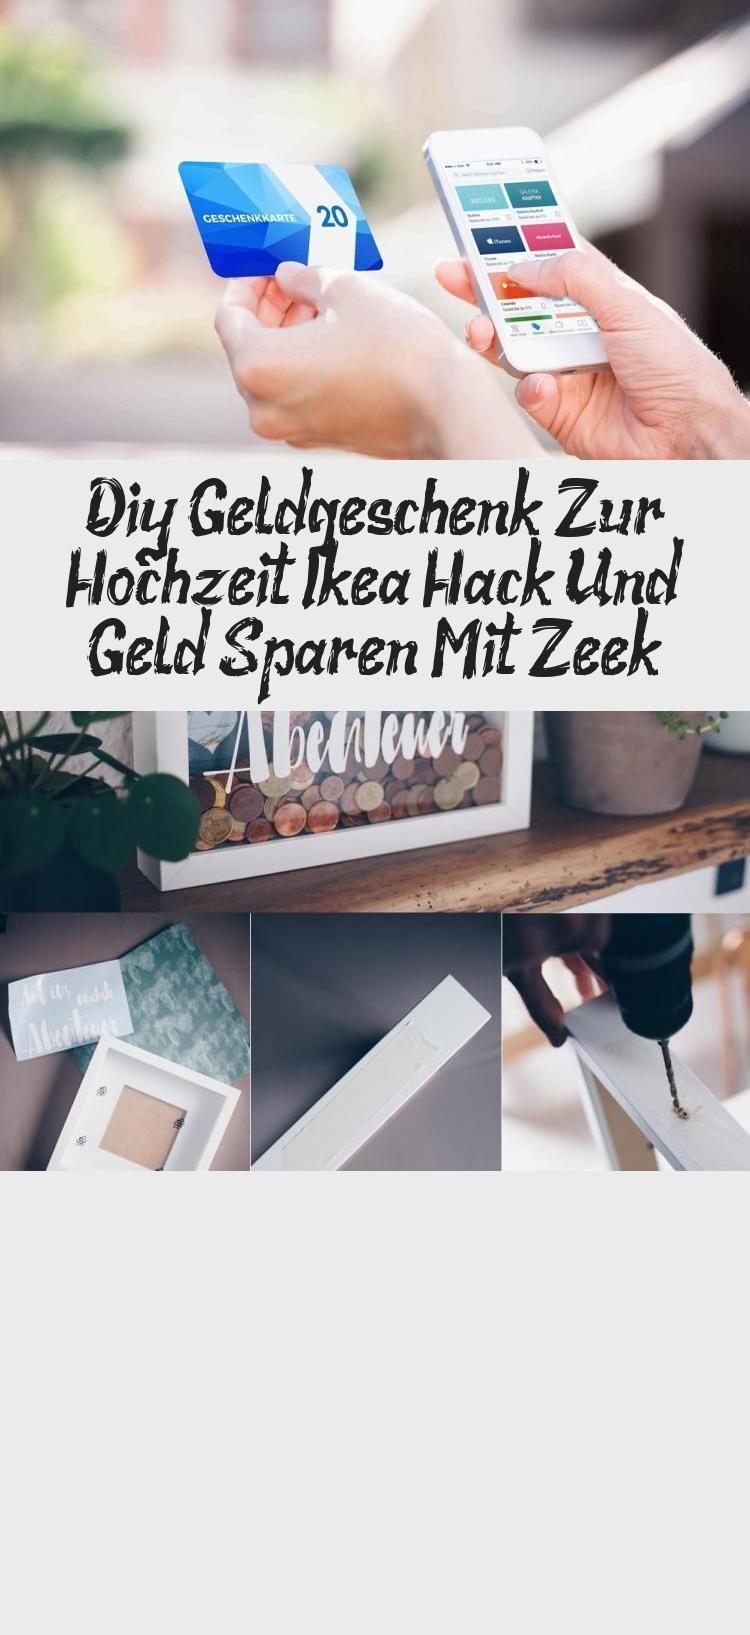 Diy Geldgeschenk Zur Hochzeit Ikea Hack Und Geld Sparen Mit Zeek Ikeagutscheinverpacken Diy Geldgeschenk Zur Hochzeit Geld Fur Die Hochzeitsreise Kreativ Ver In 2020 Personal Care Toothpaste Person